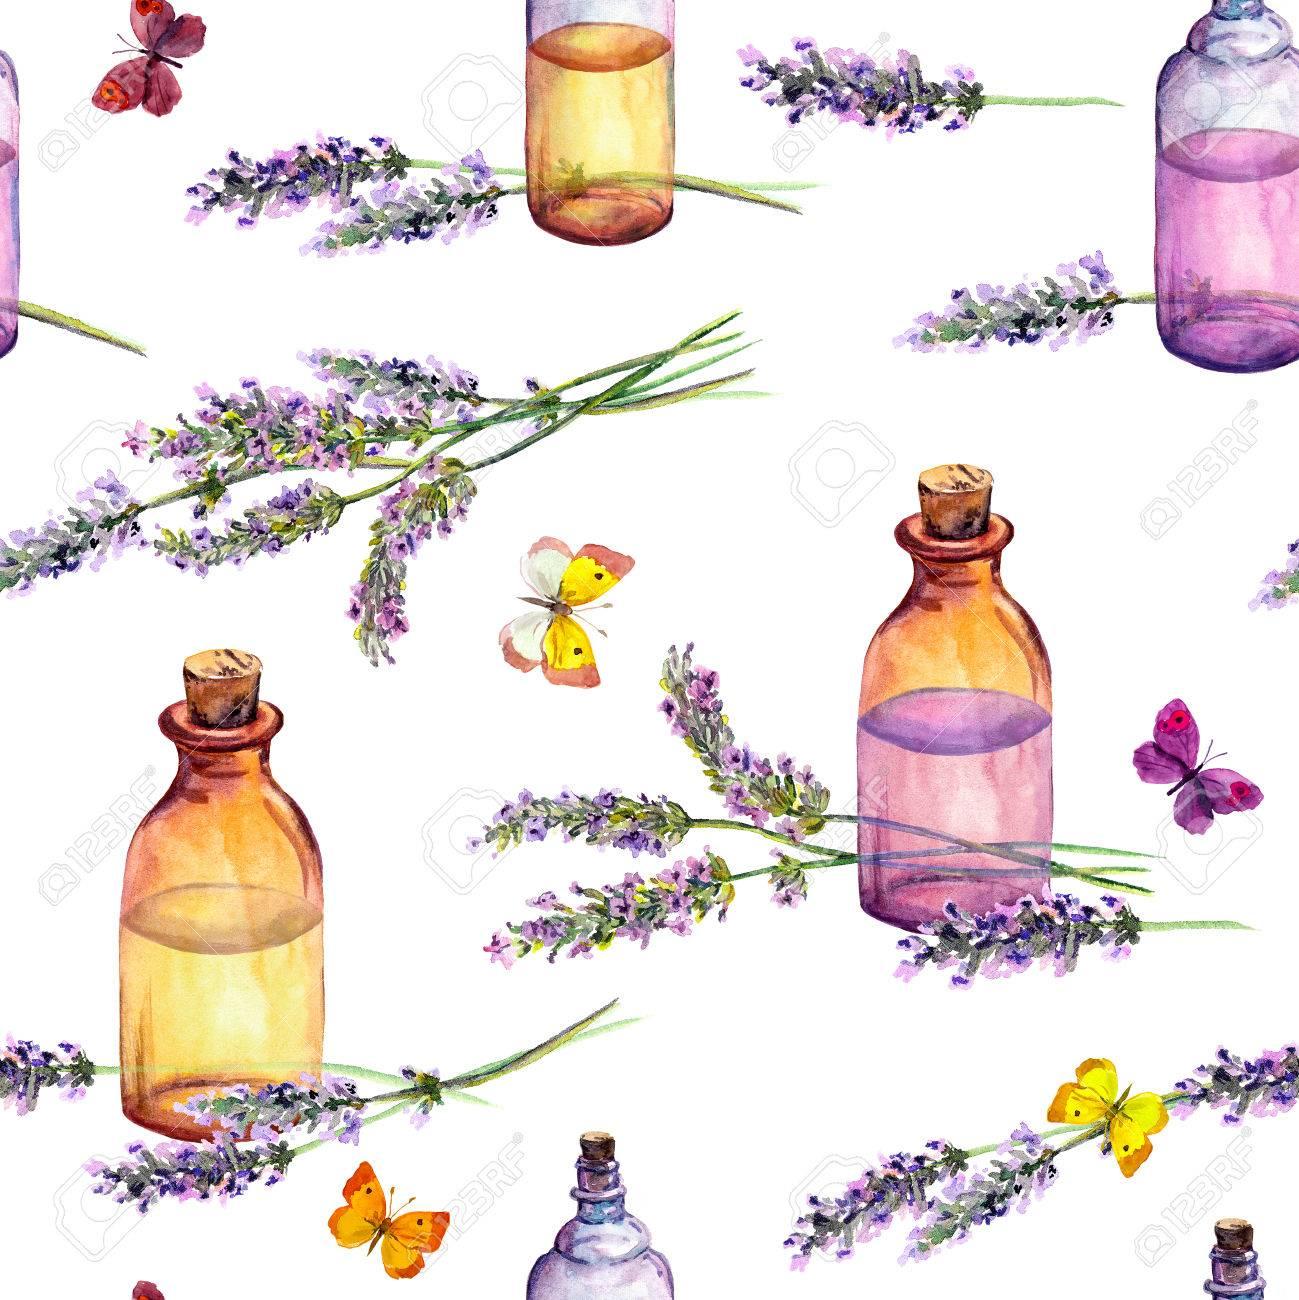 Fleurs de lavande, bouteilles de parfum d'huile, papillons. Motif répété  pour cosmétique, parfum, design de beauté. Aquarelle vintage